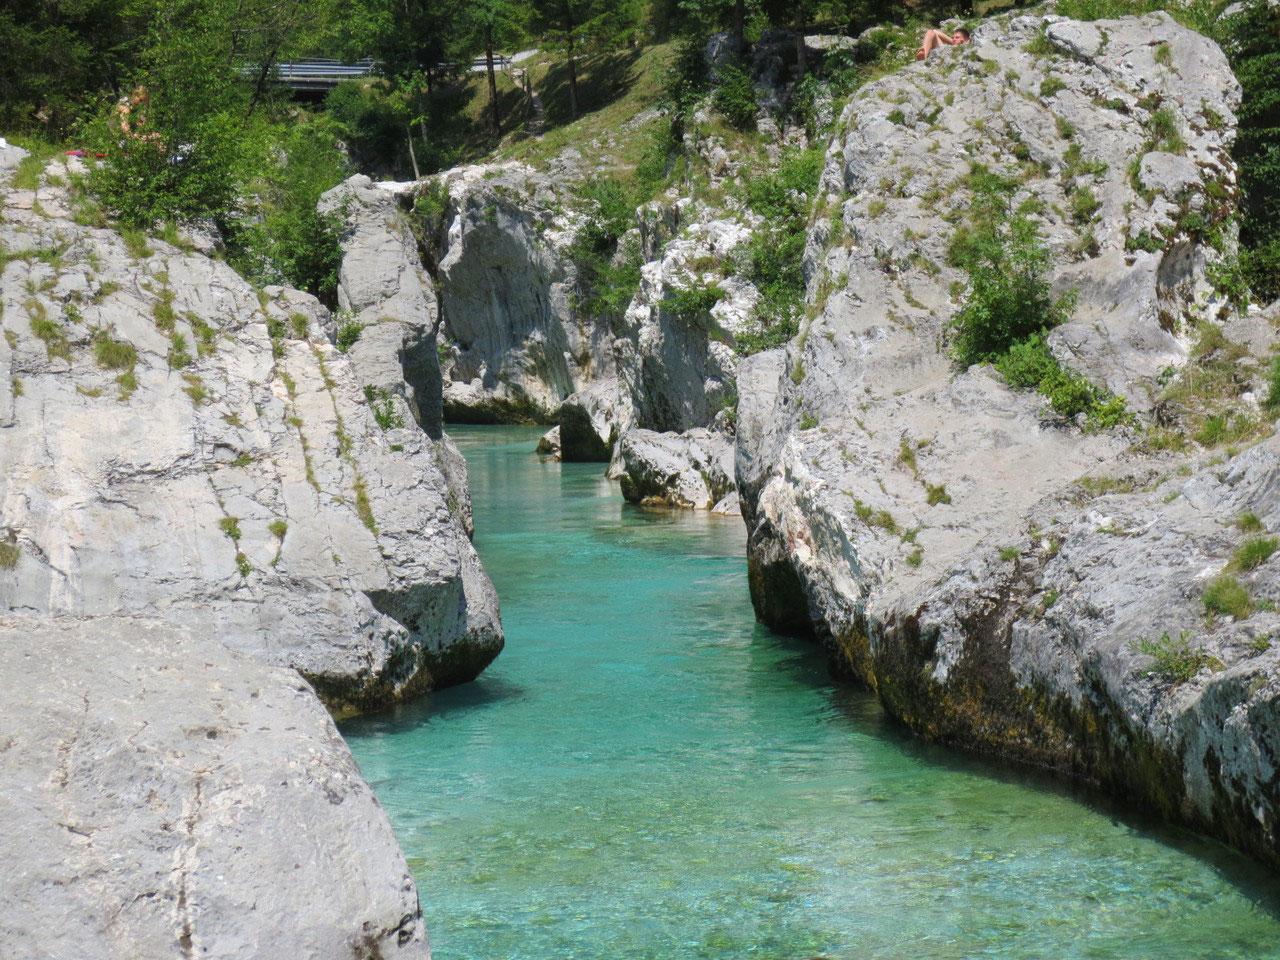 Klettersteig Soca Quelle : Soca camping unterwegs im dreiländereck